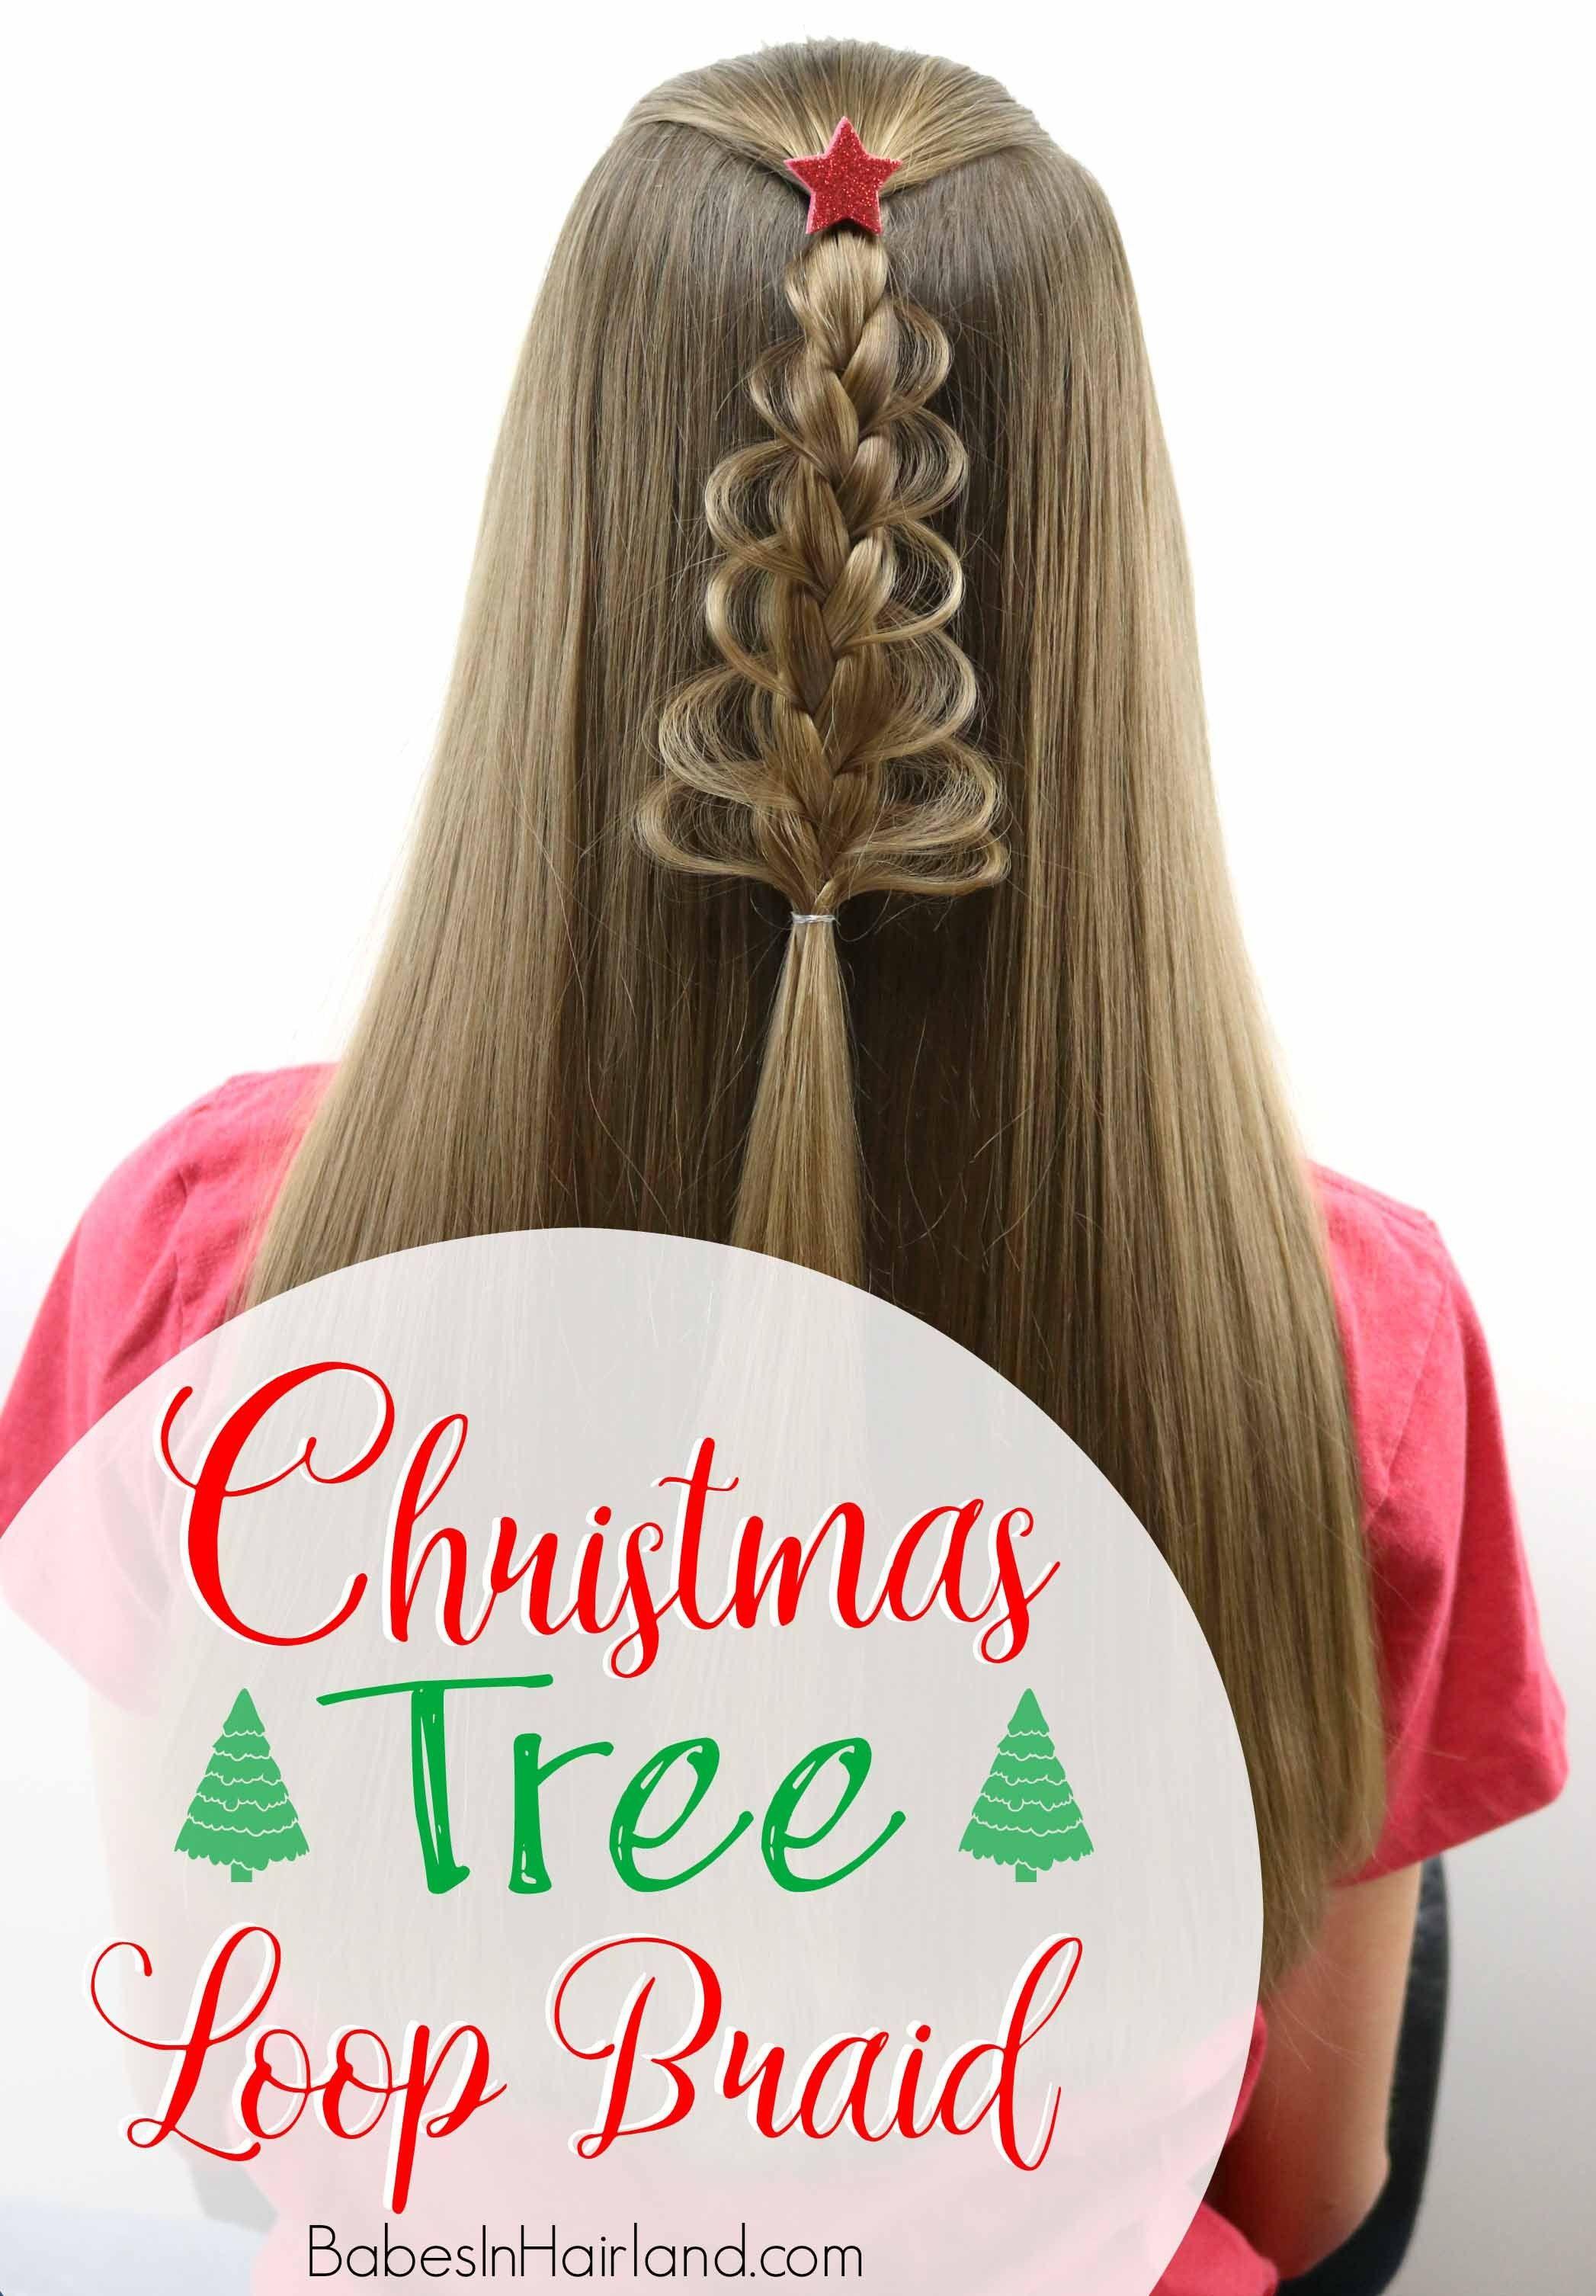 Christmas Tree Loop Braid Braids For Long Hair Hair Styles Christmas Hairstyles